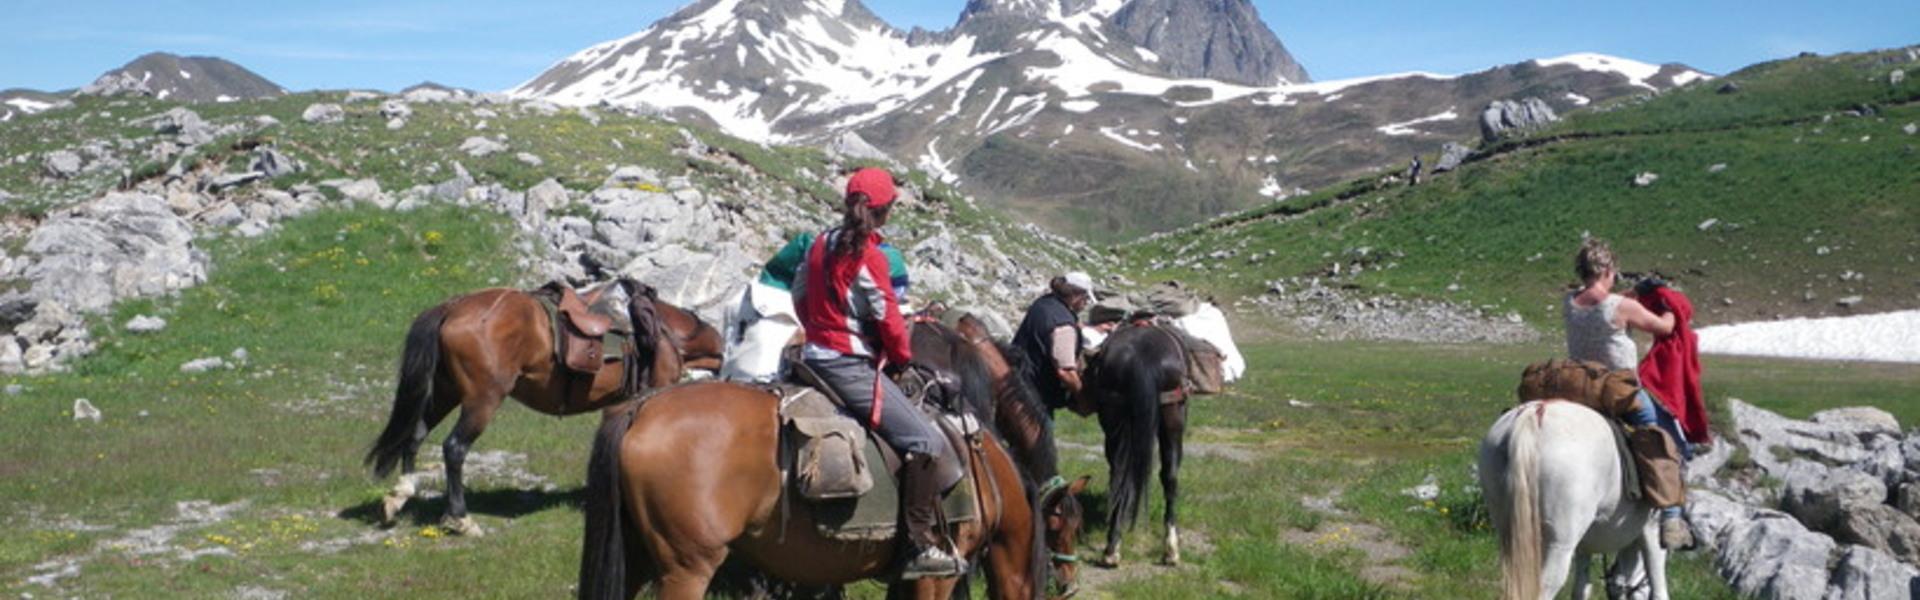 equitation pau